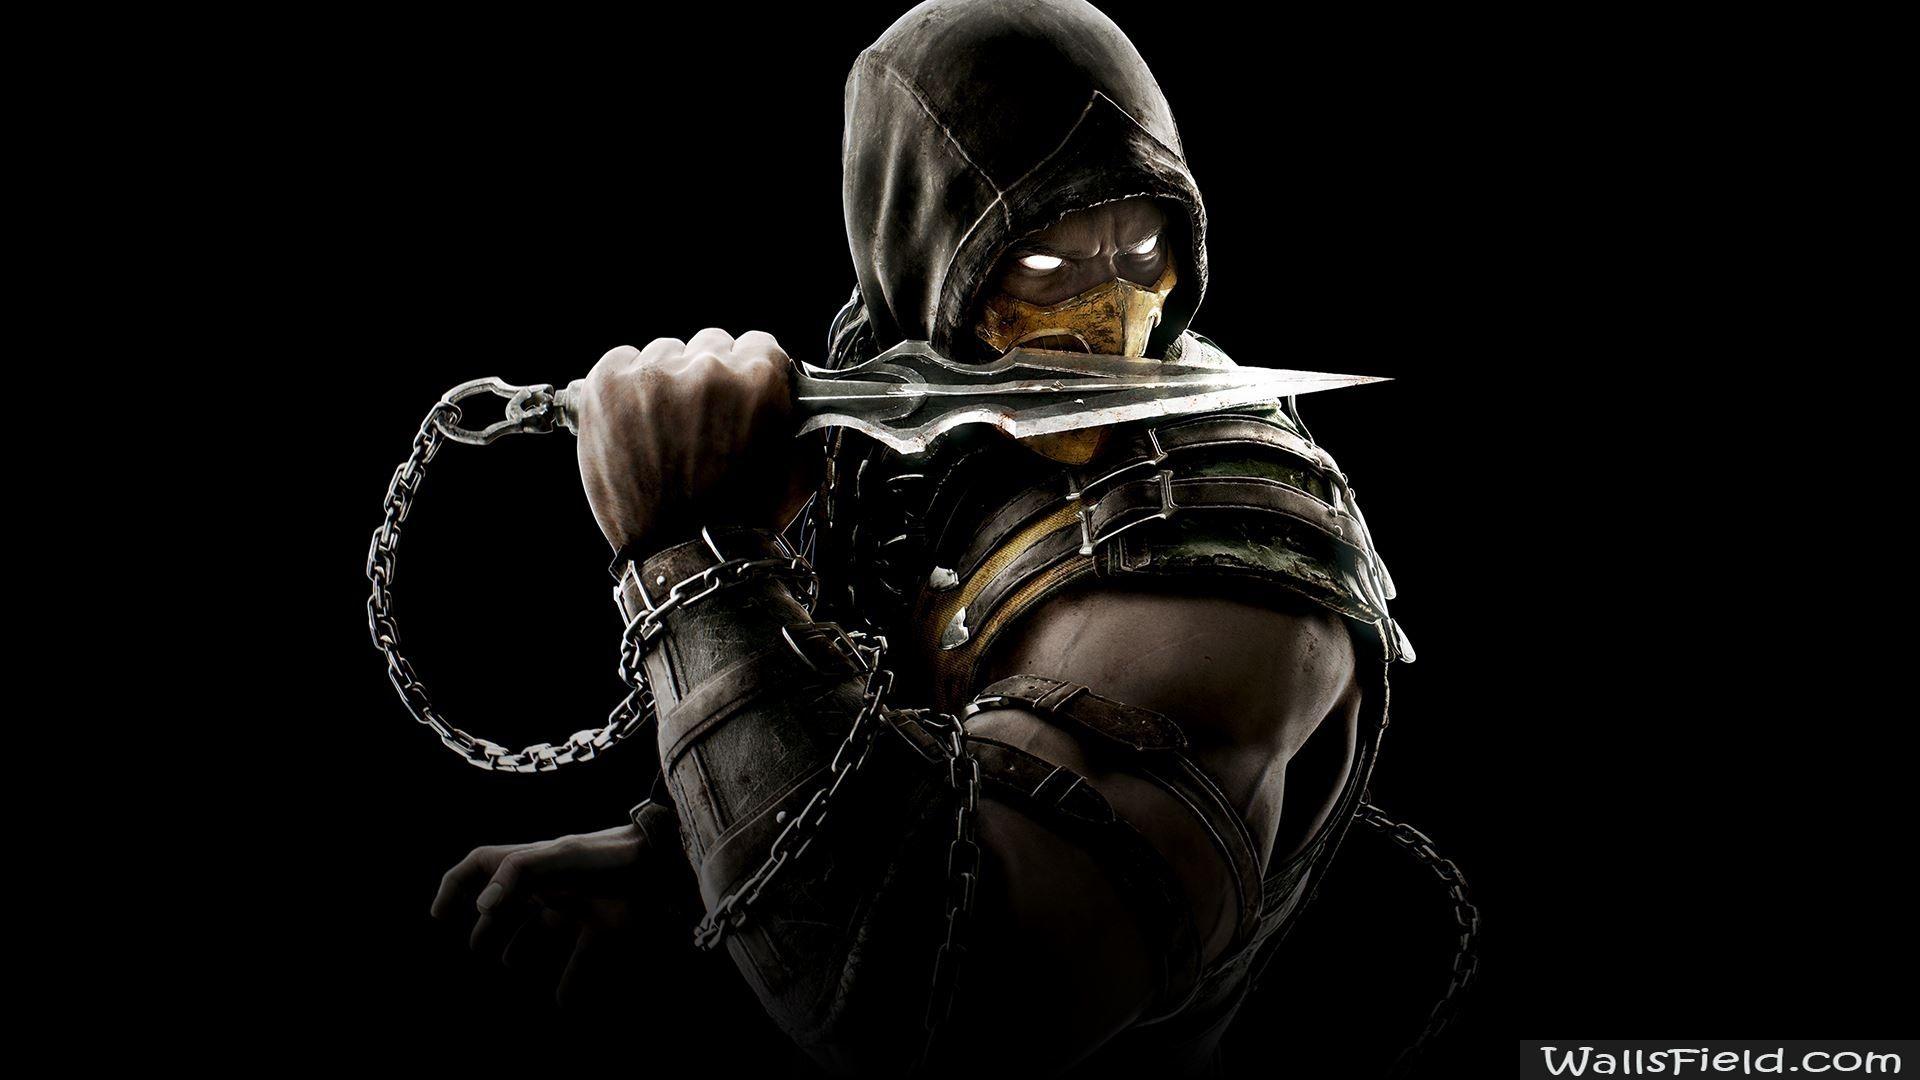 Mortal Kombat X Scorpion Wallsfield Com Free Hd Wallpapers Scorpion Mortal Kombat Mortal Kombat X Wallpapers Mortal Kombat X Scorpion